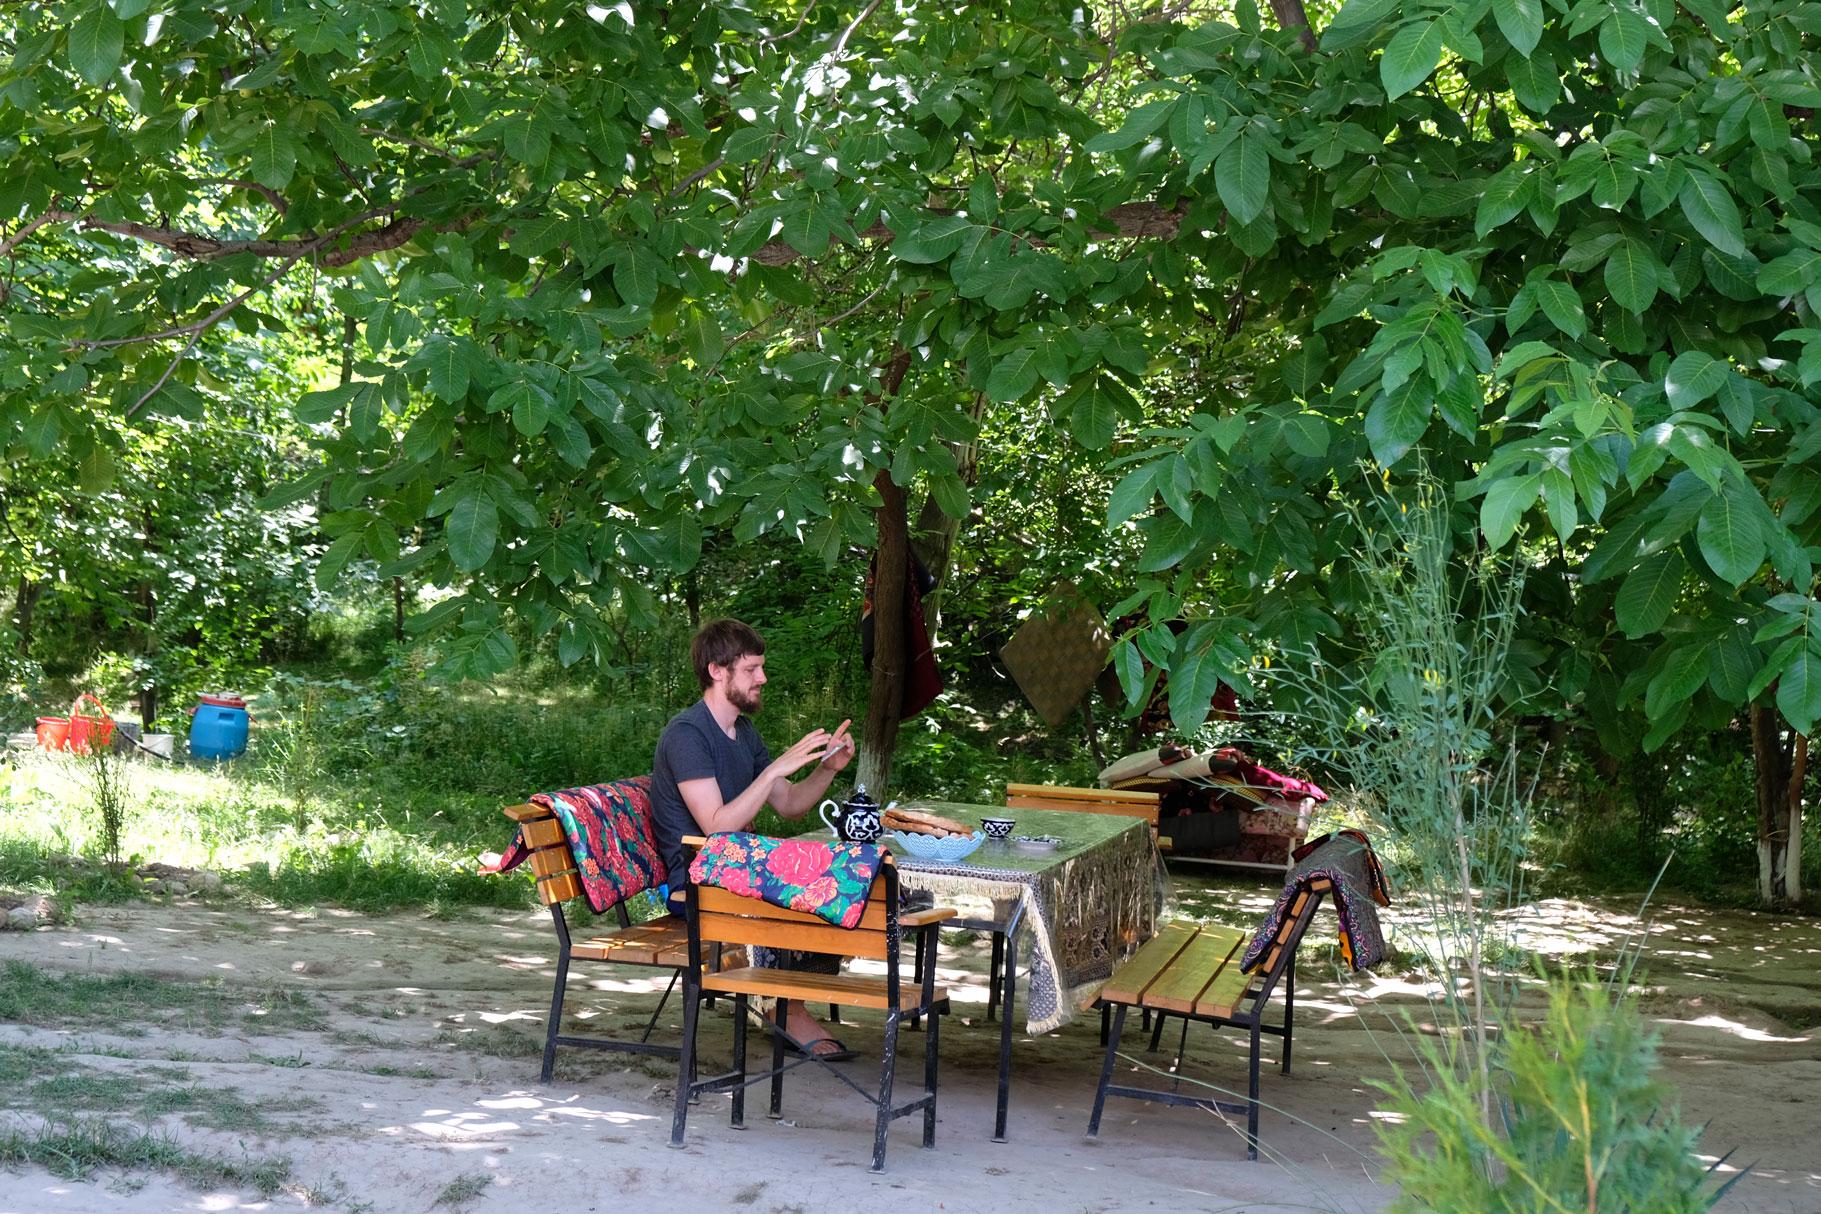 Sebastian sitzt mit Handy in der Hand an einem Tisch, der unter einem Baum steht.